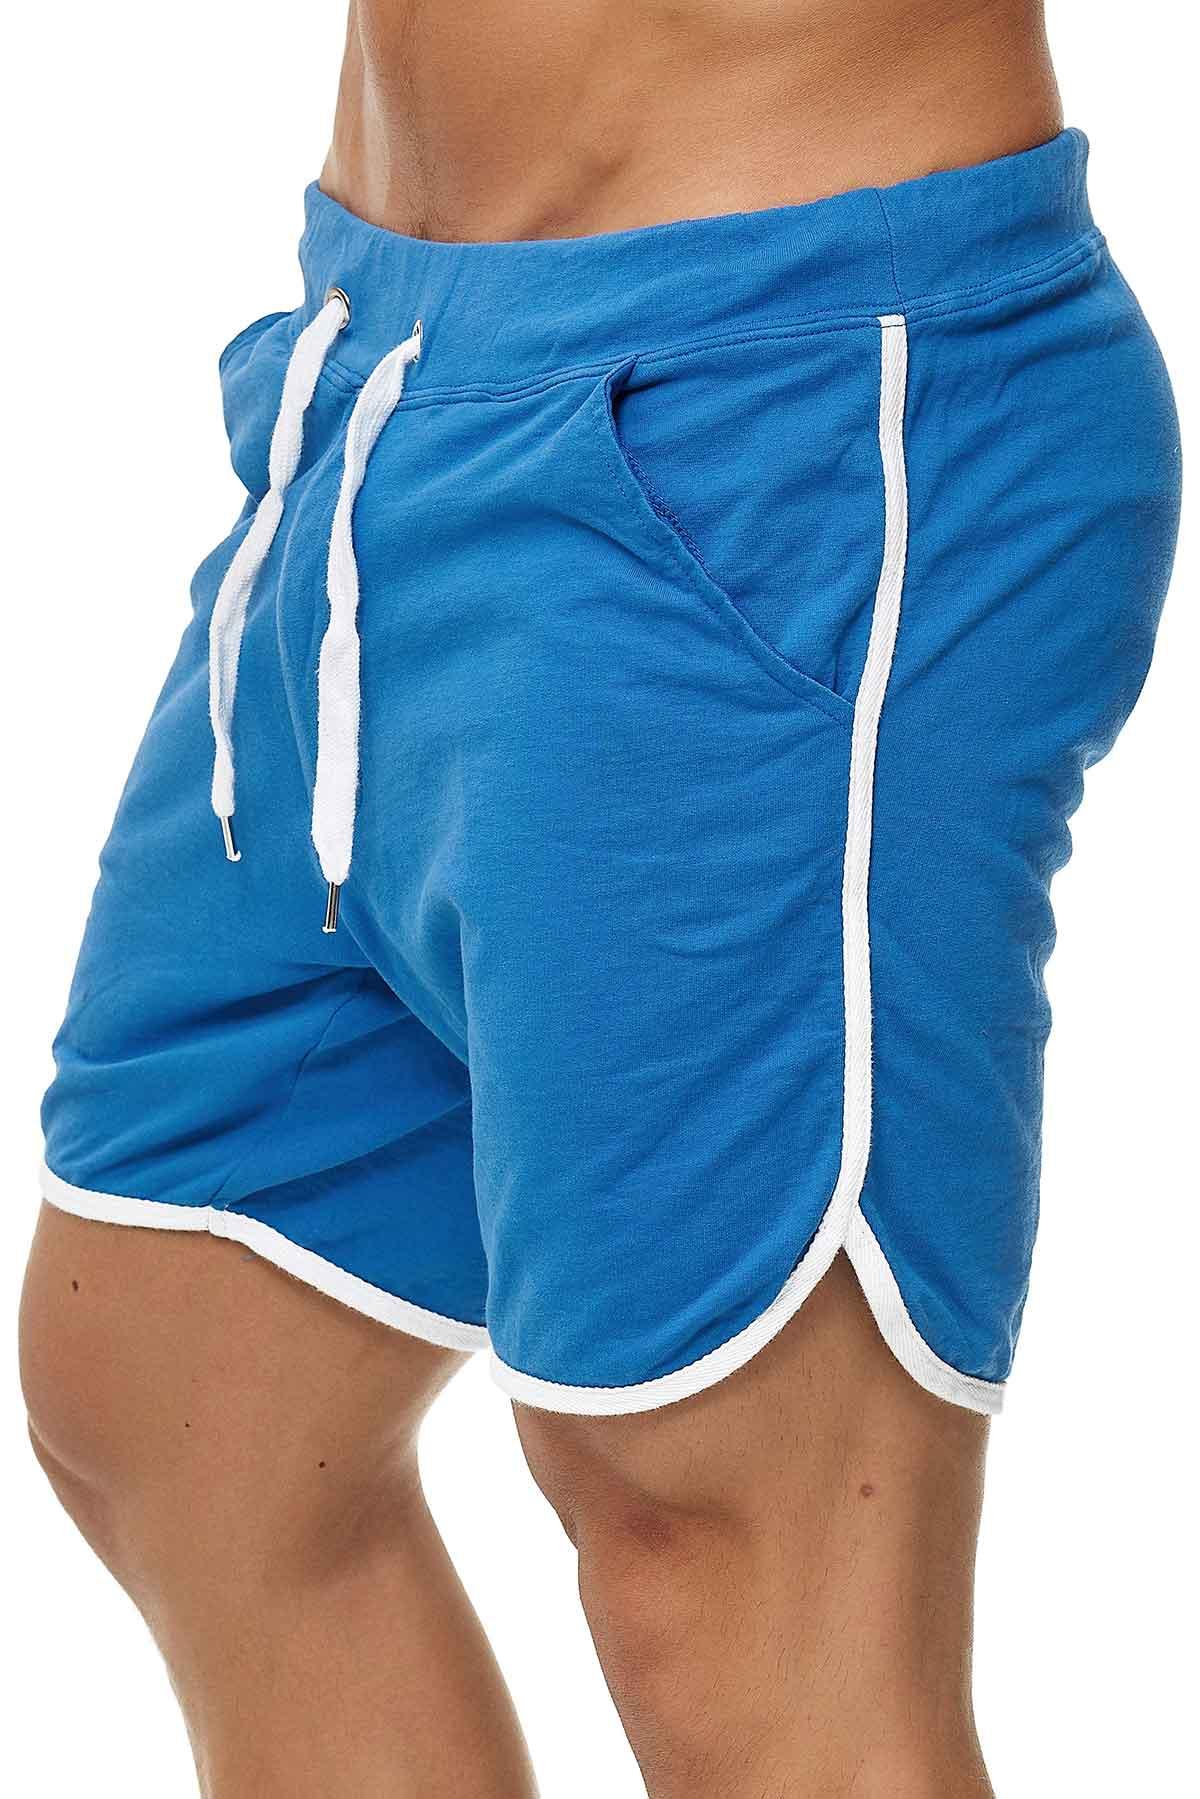 Herren Shorts aus Baumwolle Combat – Bild 14 2af9229649